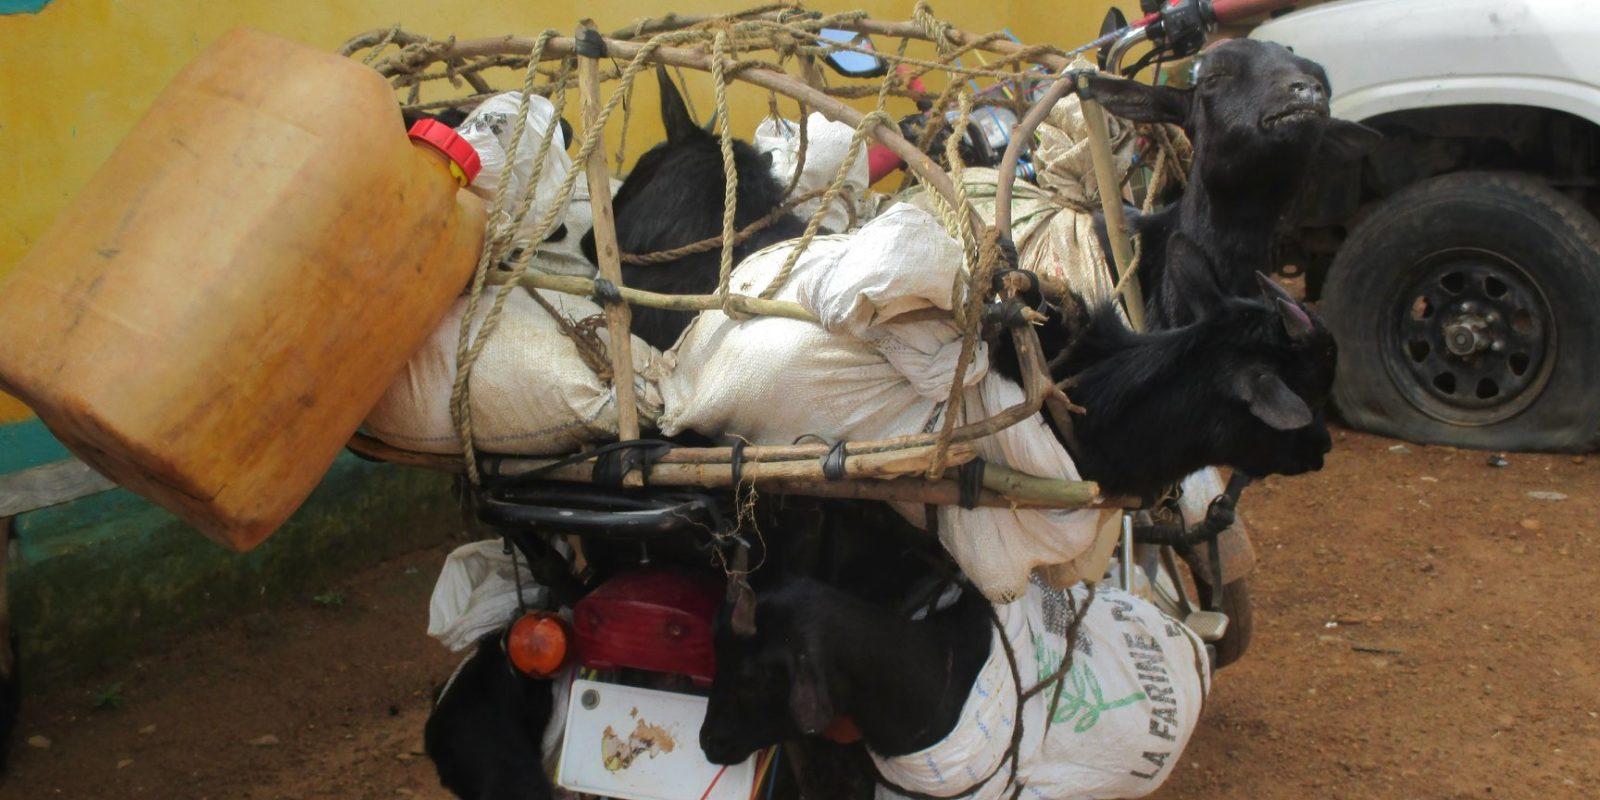 TIERÄRZTE WELTWEIT in Liberia: Ziegen werden tierschutzwidrig transportiert